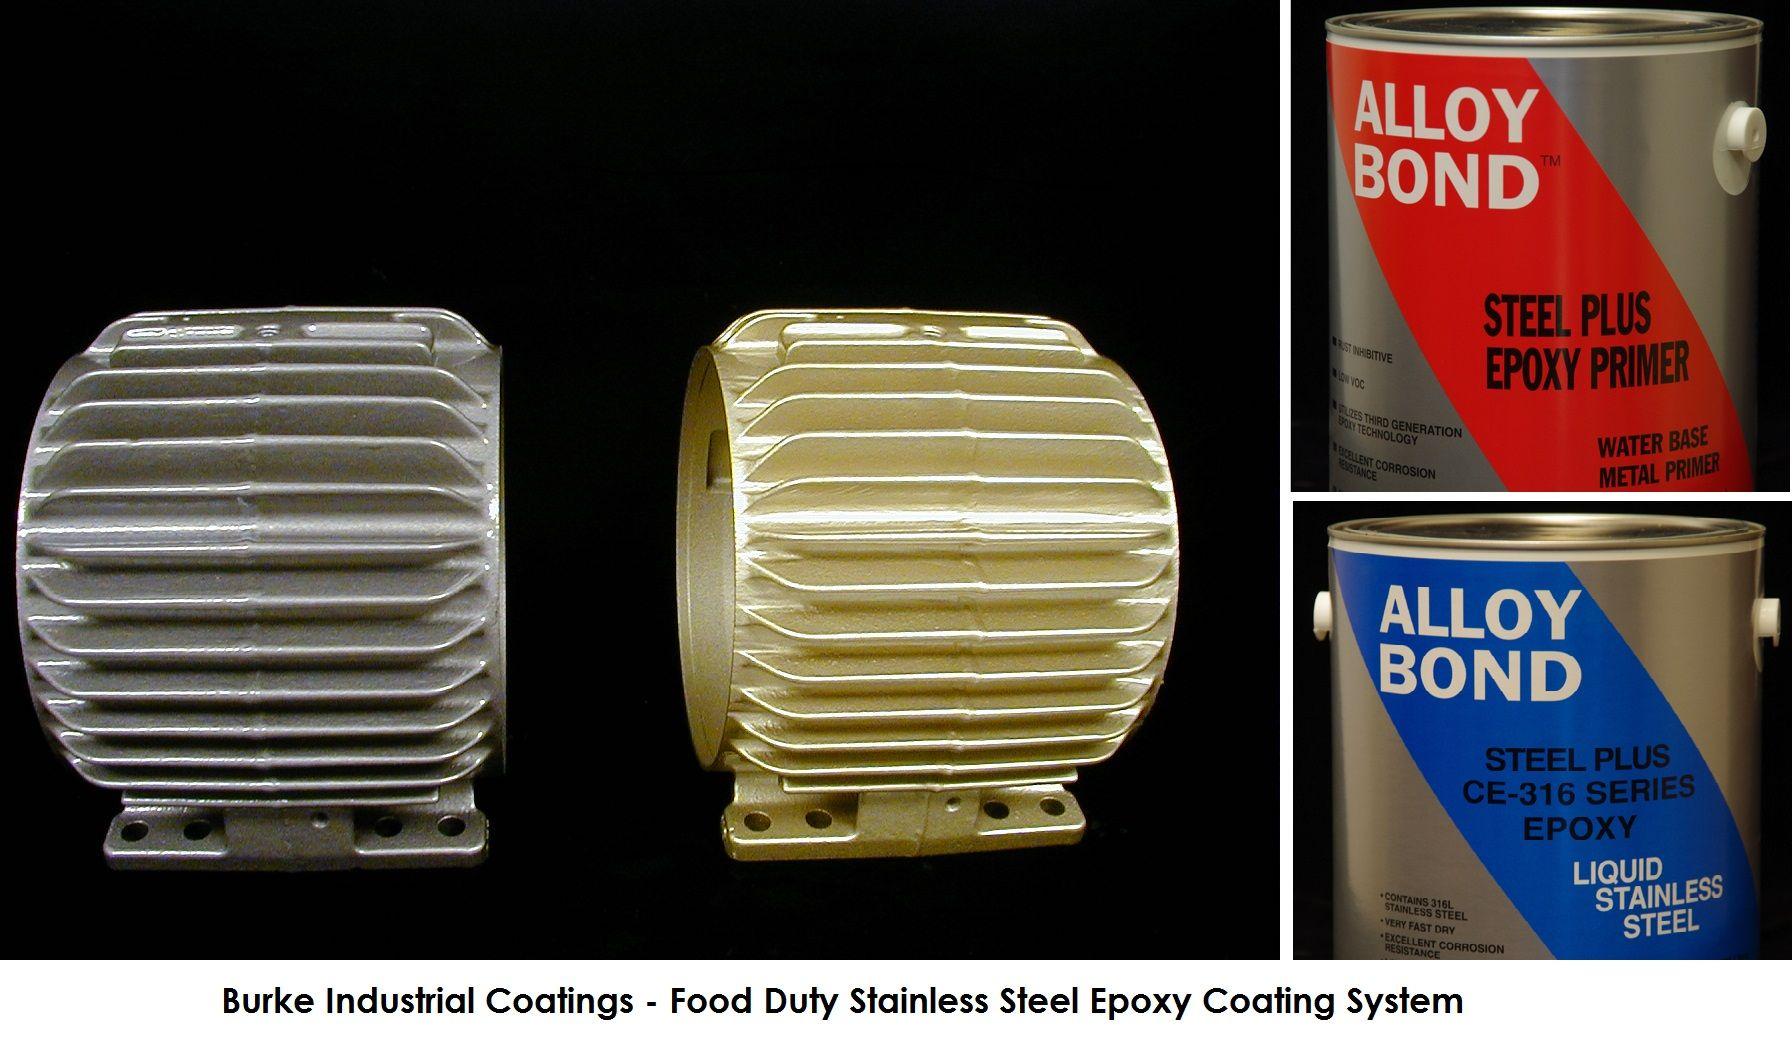 Burke Industrial Coatings Liquid Stainless Steel Www Burkeindustrialcoatings Com Stainless Steel Paint Stainless Steel Corrosion Stainless Steel